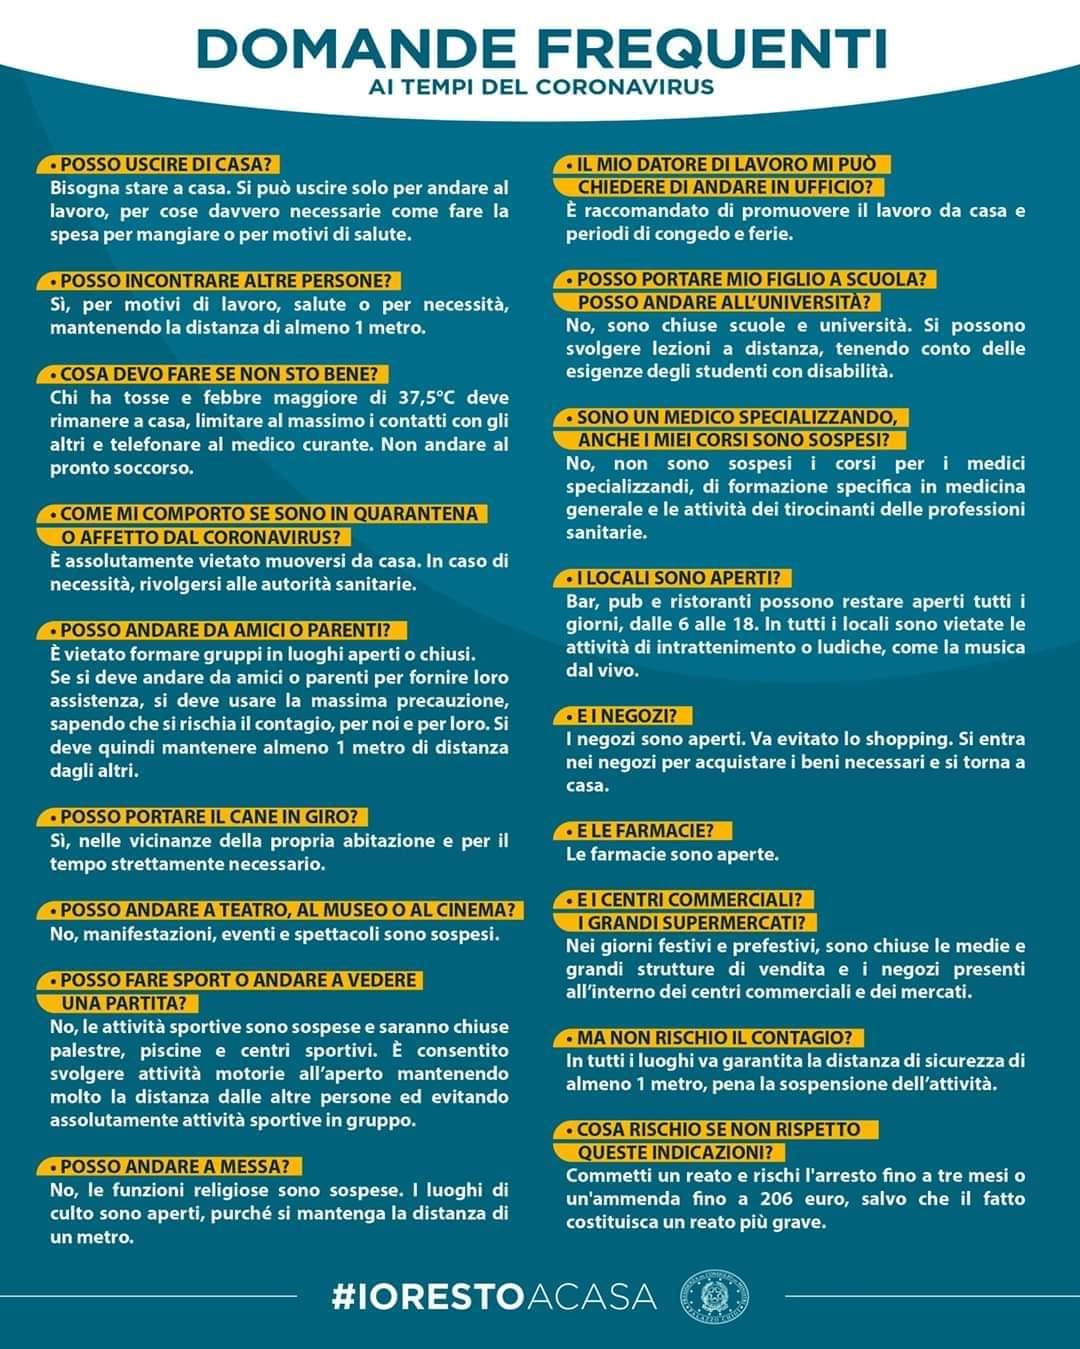 Regole per evitare la diffusione del coronavirus covid-19